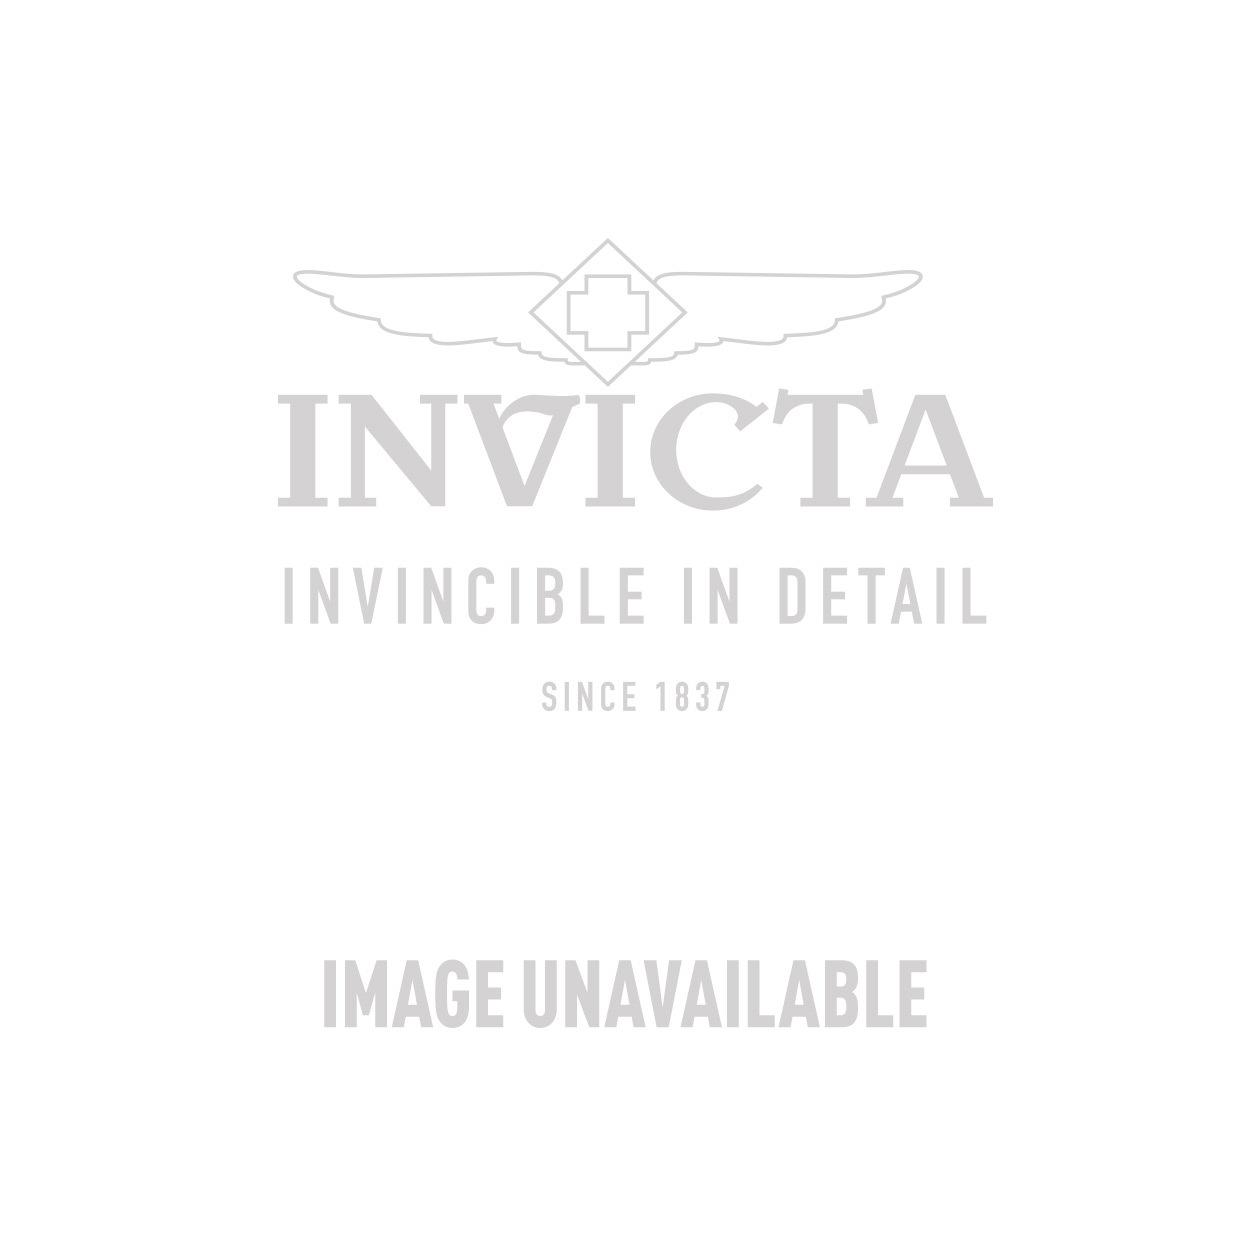 Invicta Model 27017